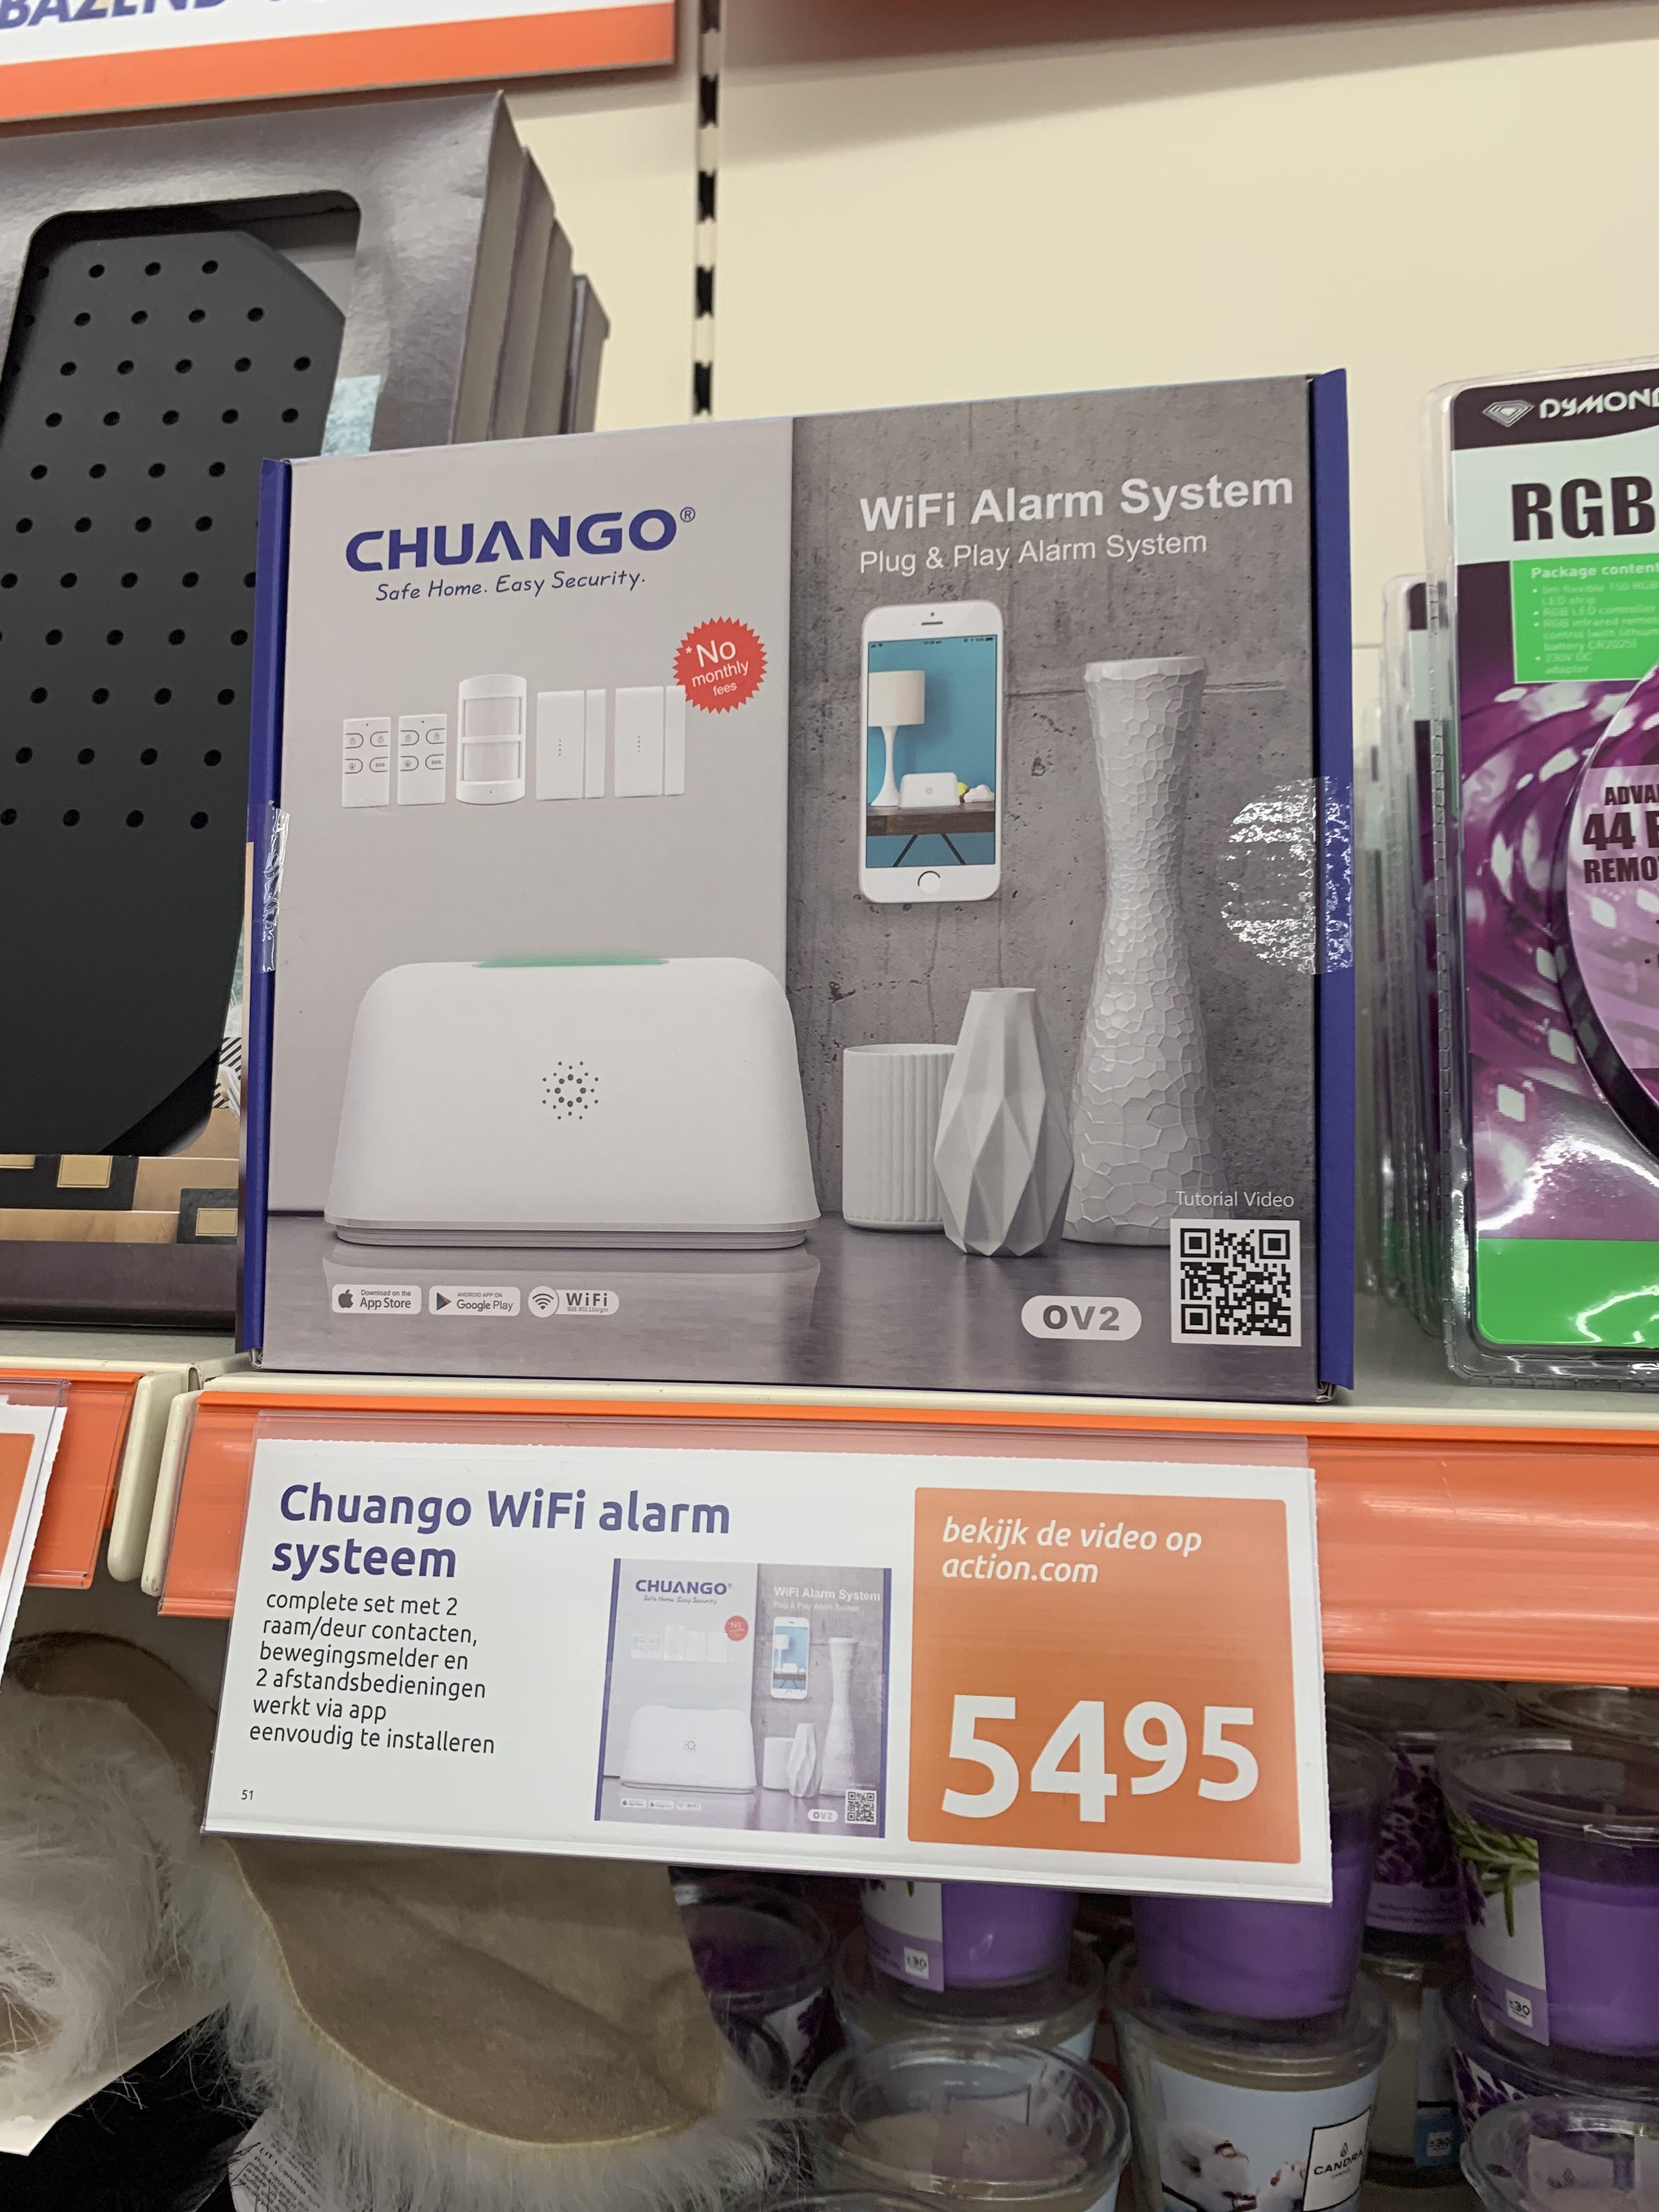 Chuango Wifi Alarm